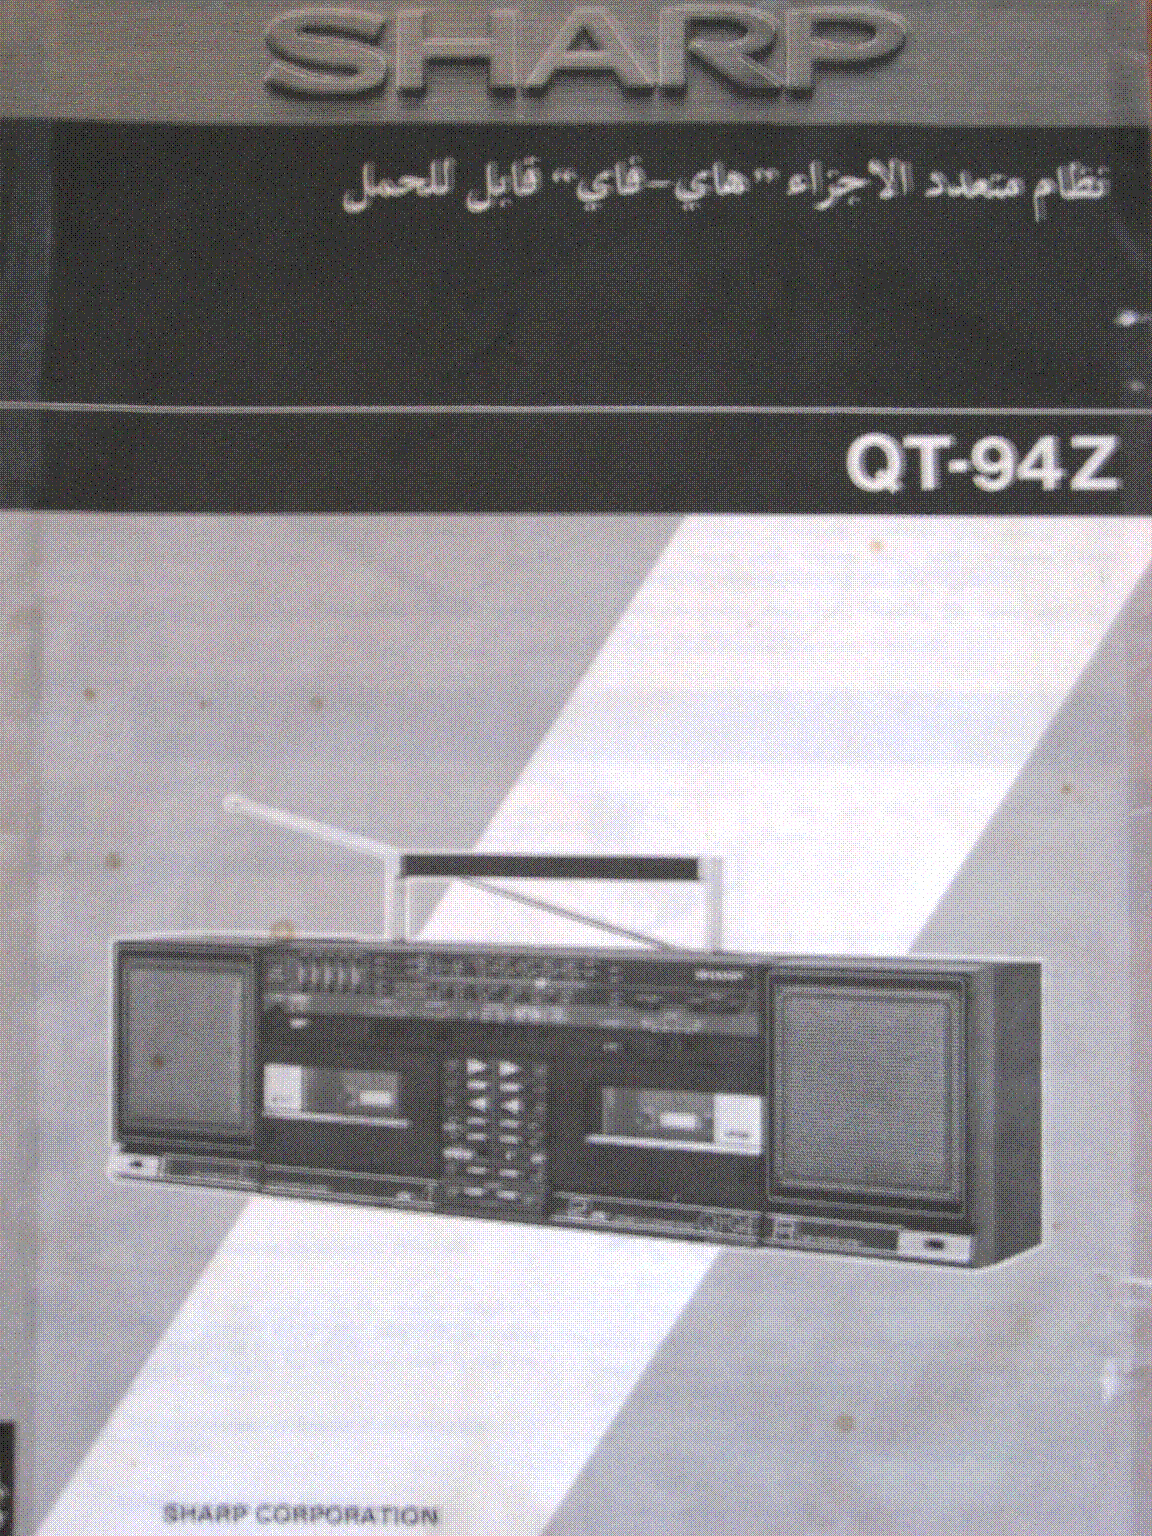 sharp qt 94 | vn3g.